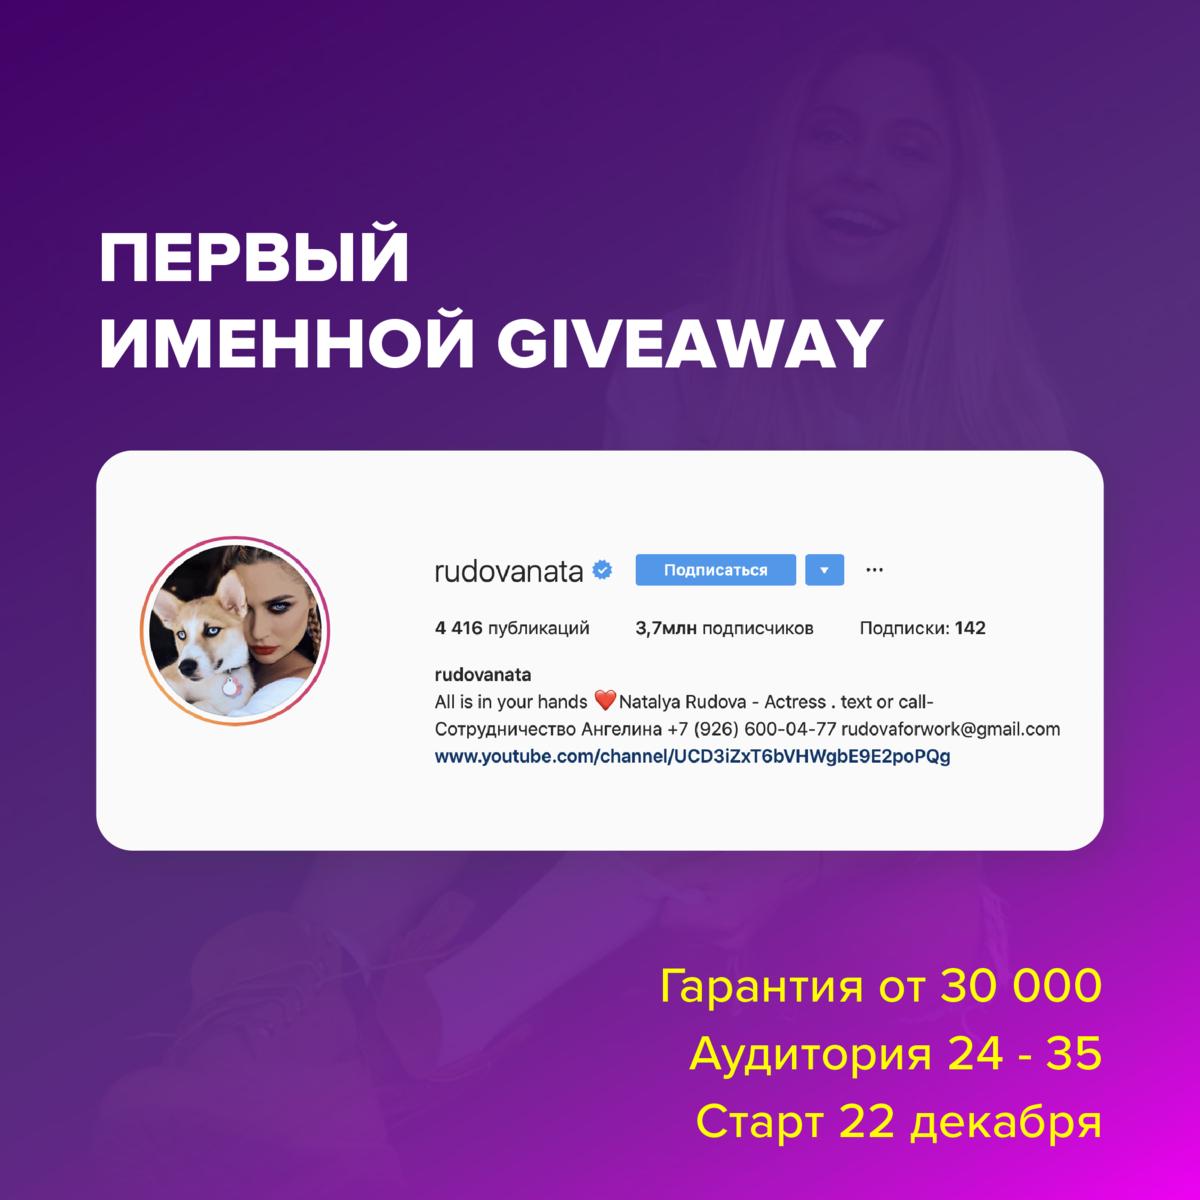 Что такое giveaway в инстаграм? - socialniesety.ru